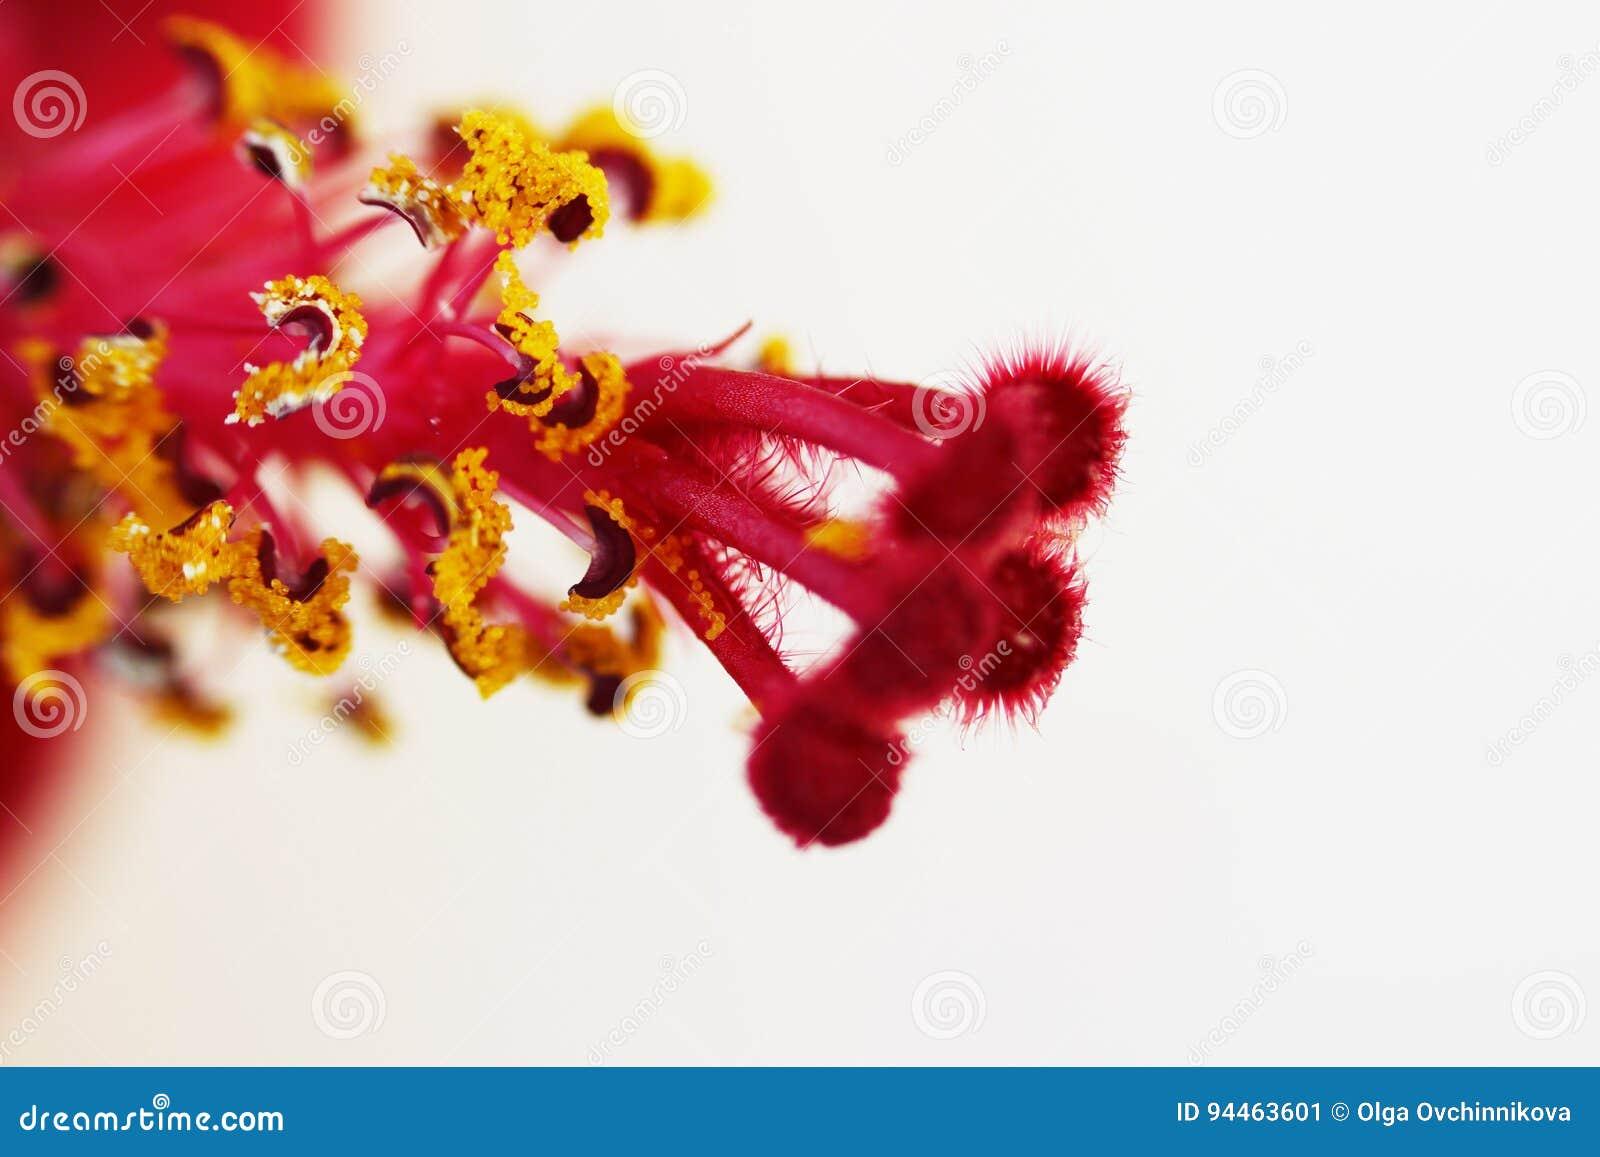 Macro rode stamper en de gele van de familiemalvaceaeon van de bloem stamens hibiscus witte achtergrond